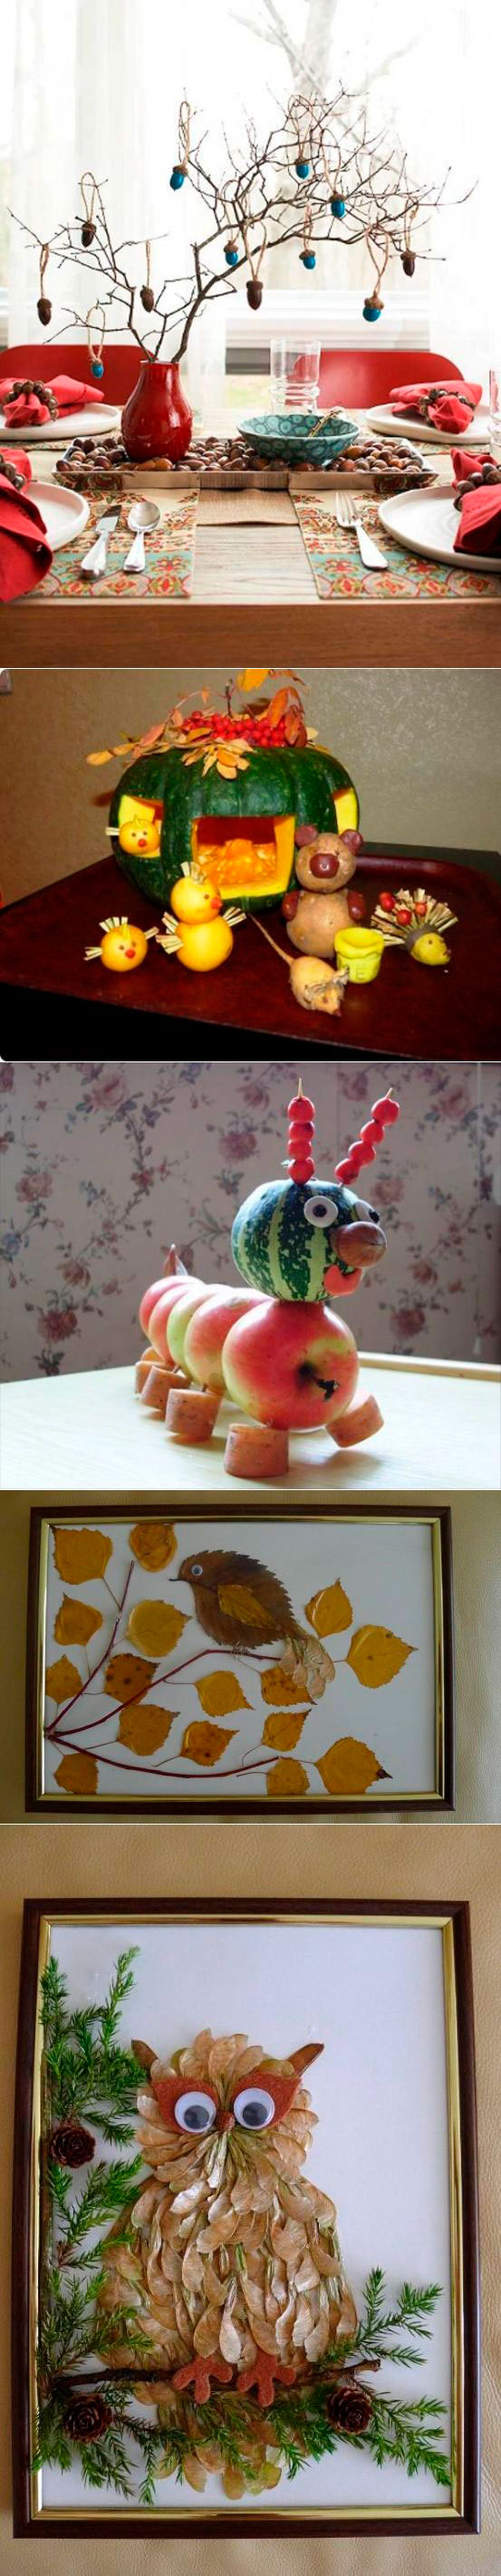 Осенние поделки: 25 идей для детского творчества и украшения интерьера 18